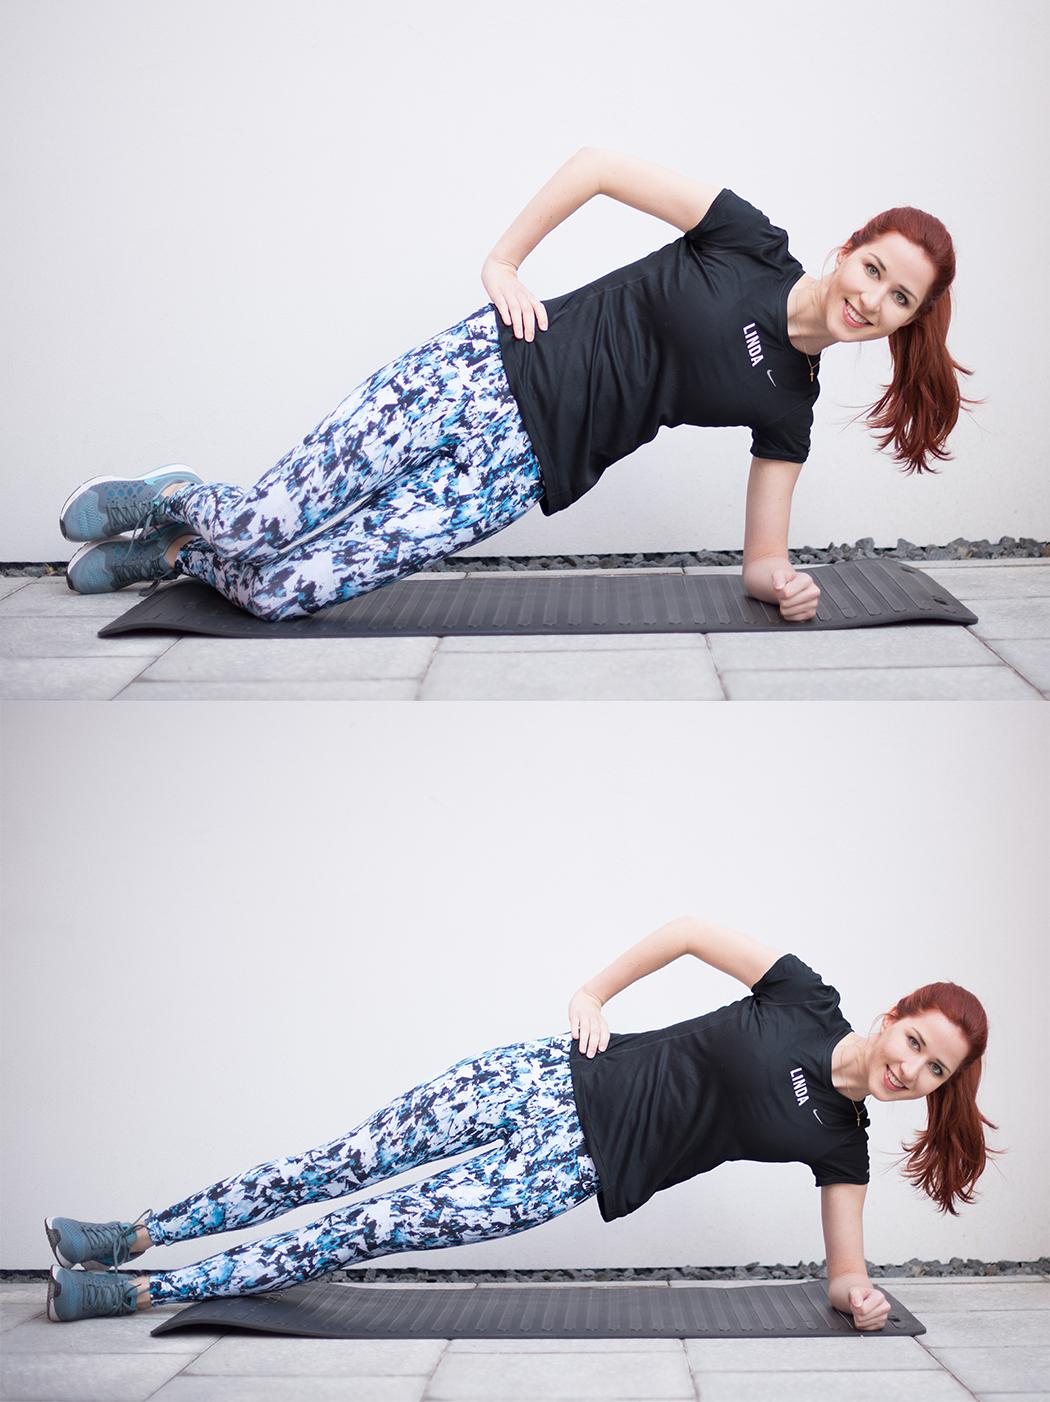 Fitnessblog-Deutschland-Fitnessblogger-München-Munich-Lindarella-Trainingsübungen-Laufen-Aufwärmübungen-5